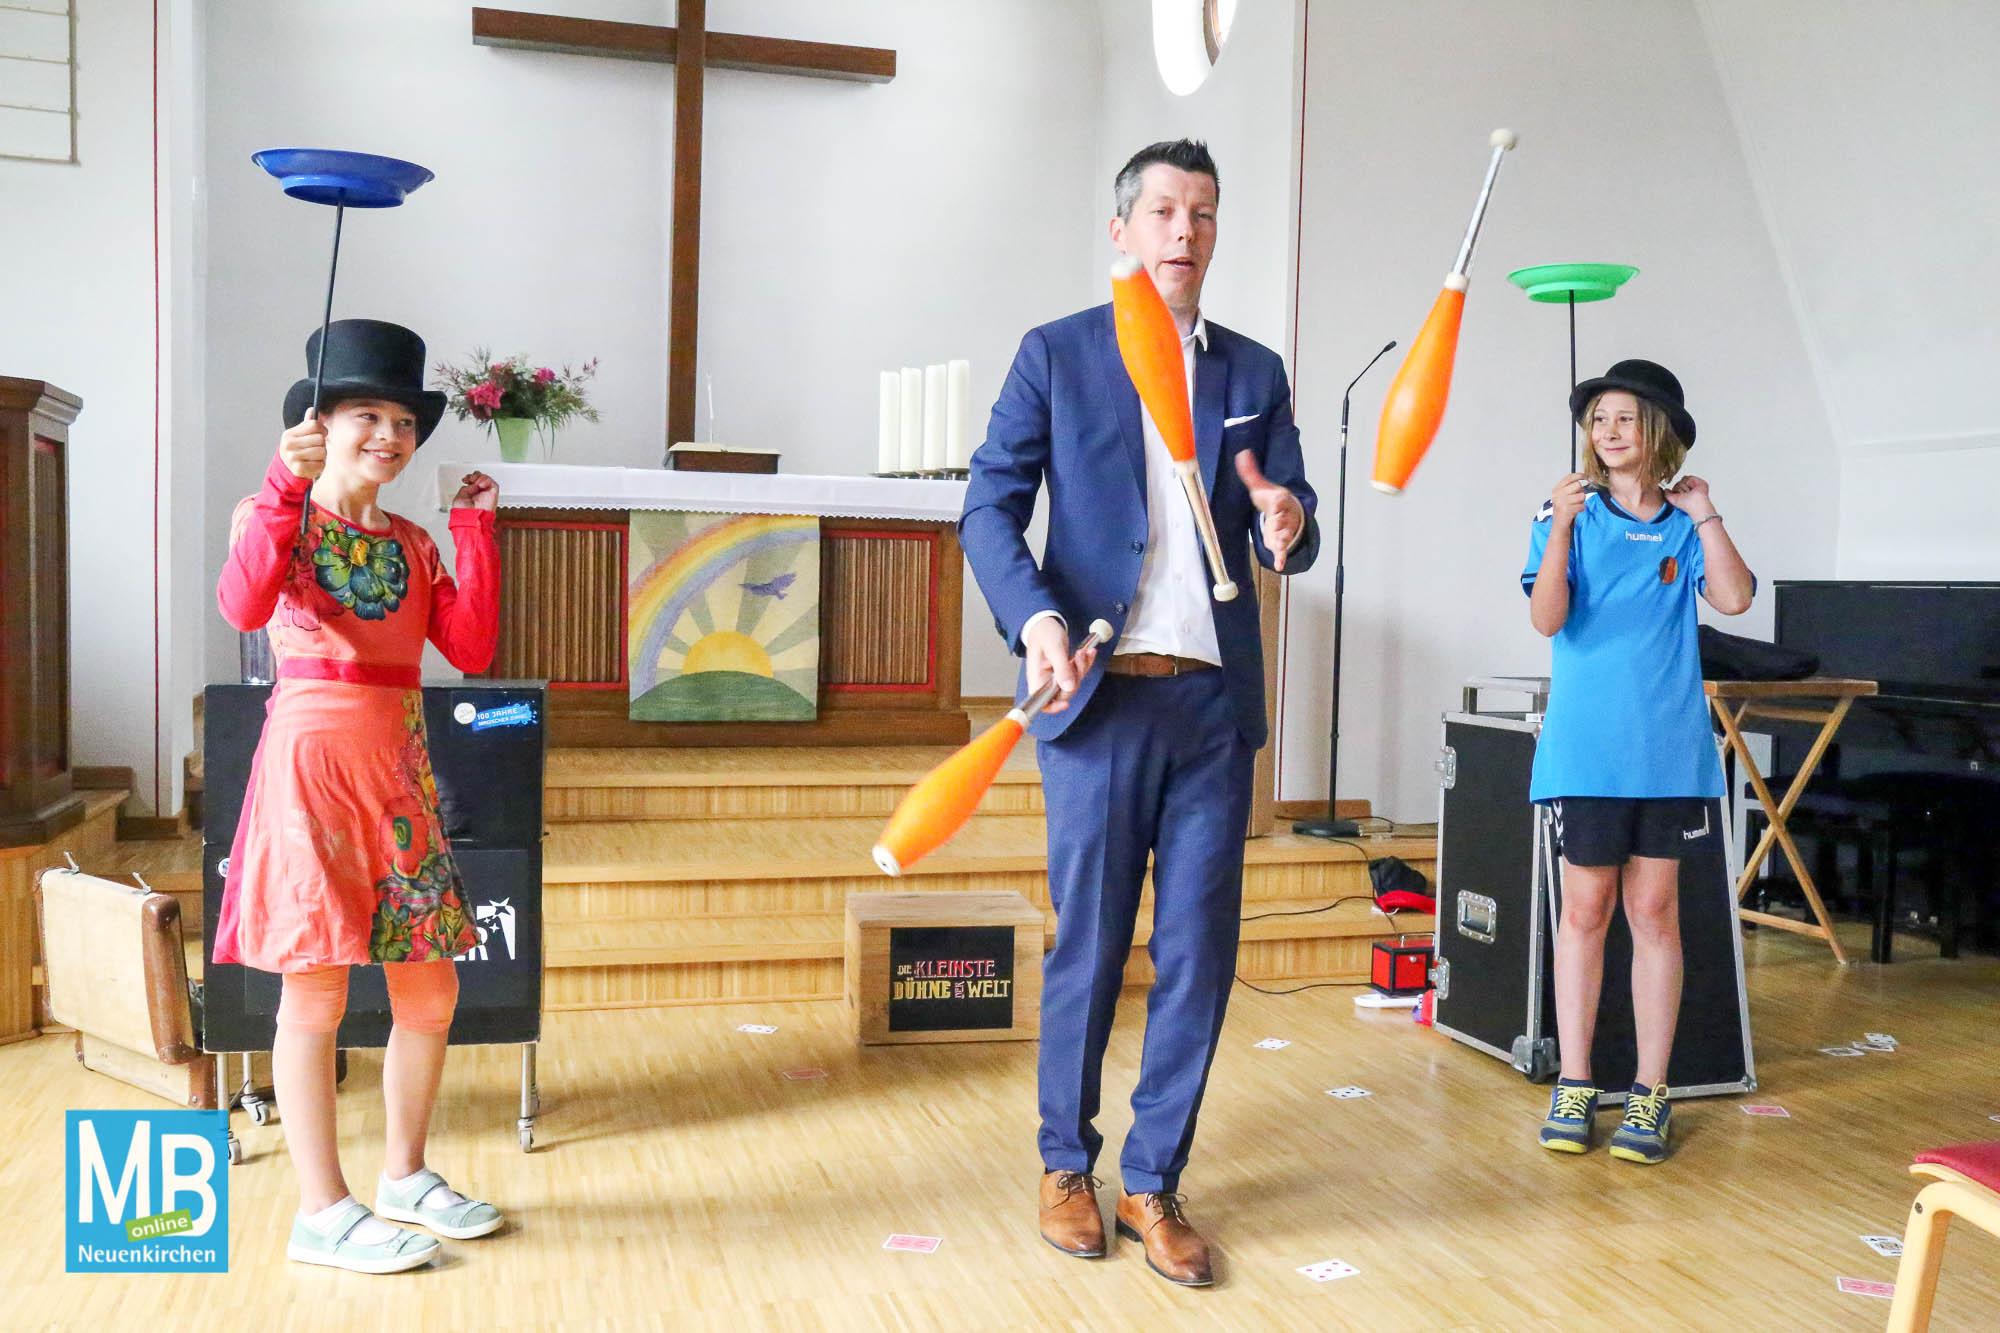 Evangelisches Gemeindefest